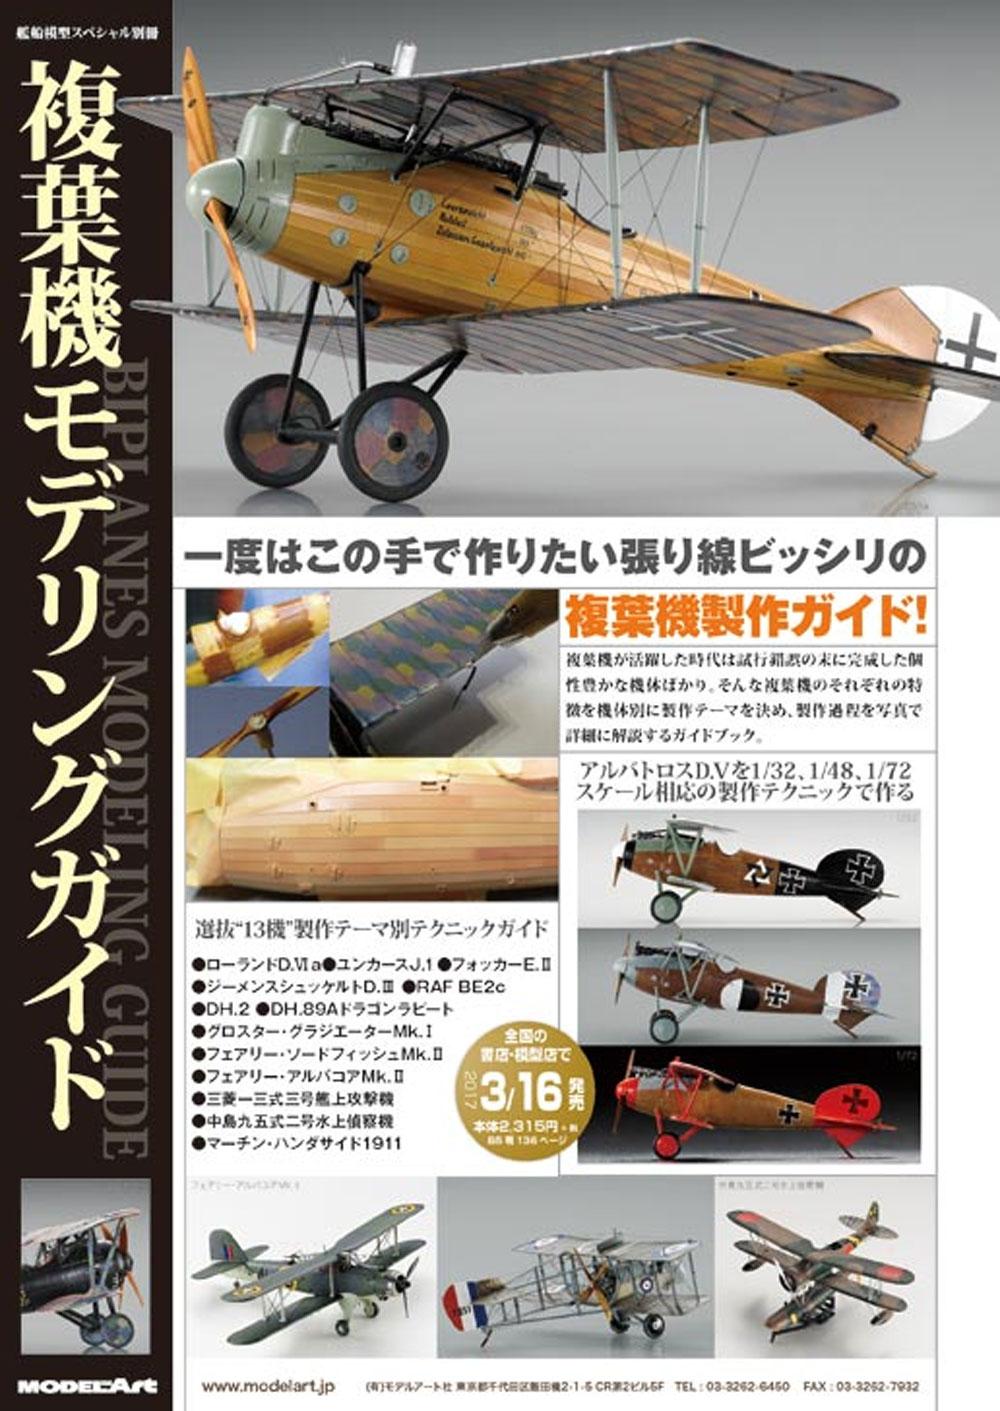 複葉機モデリングガイド本(モデルアート臨時増刊No.12320-04)商品画像_4